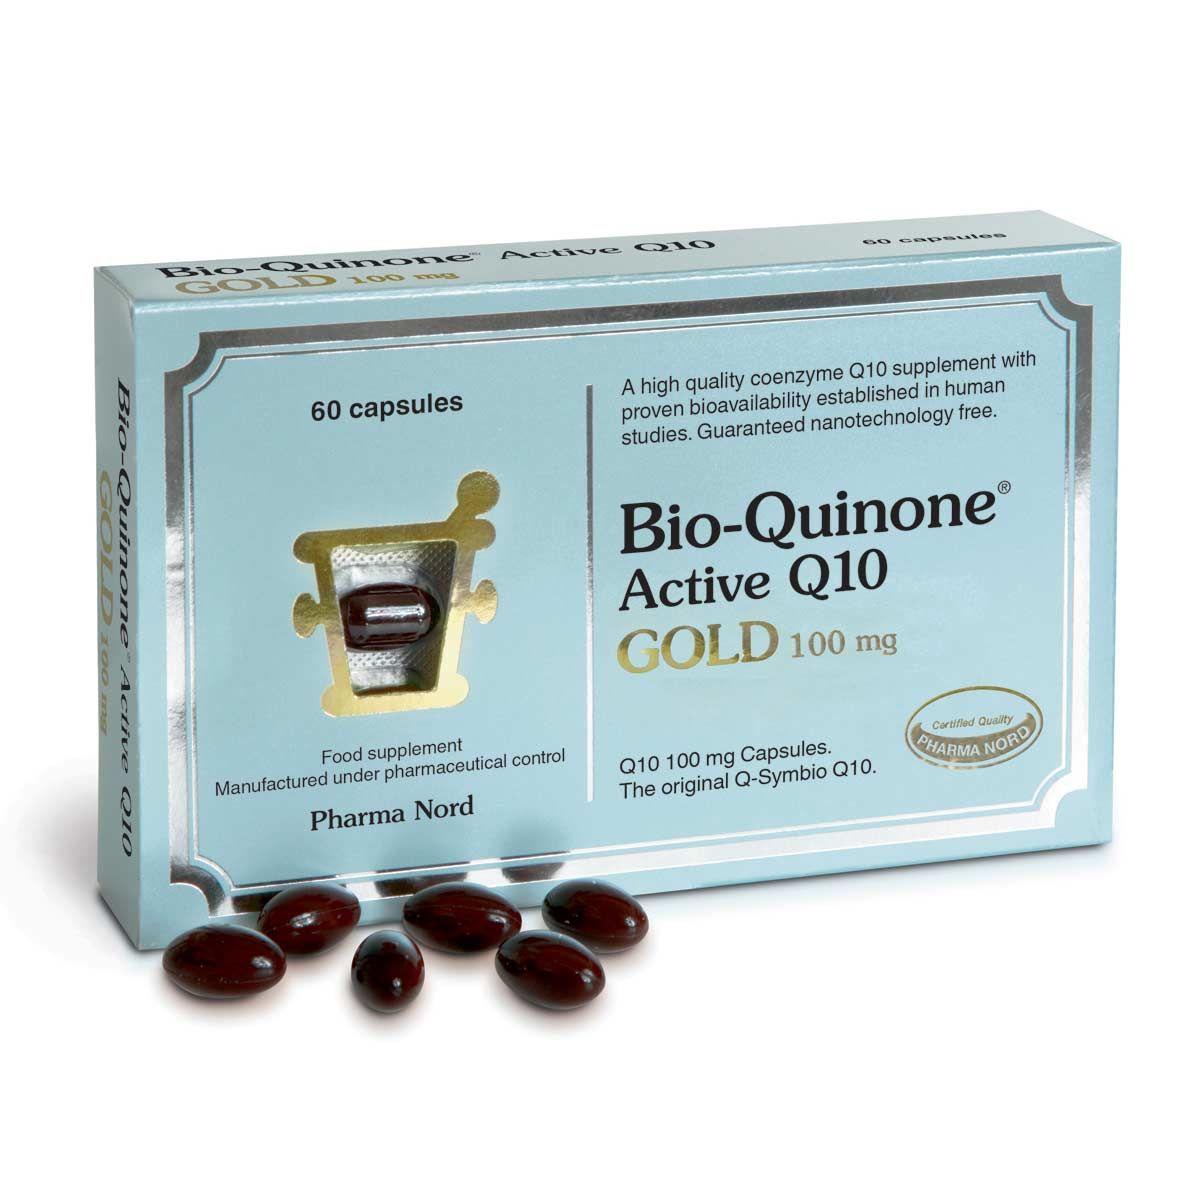 Bio-Quinone Active Q10 Gold 100mg 60's